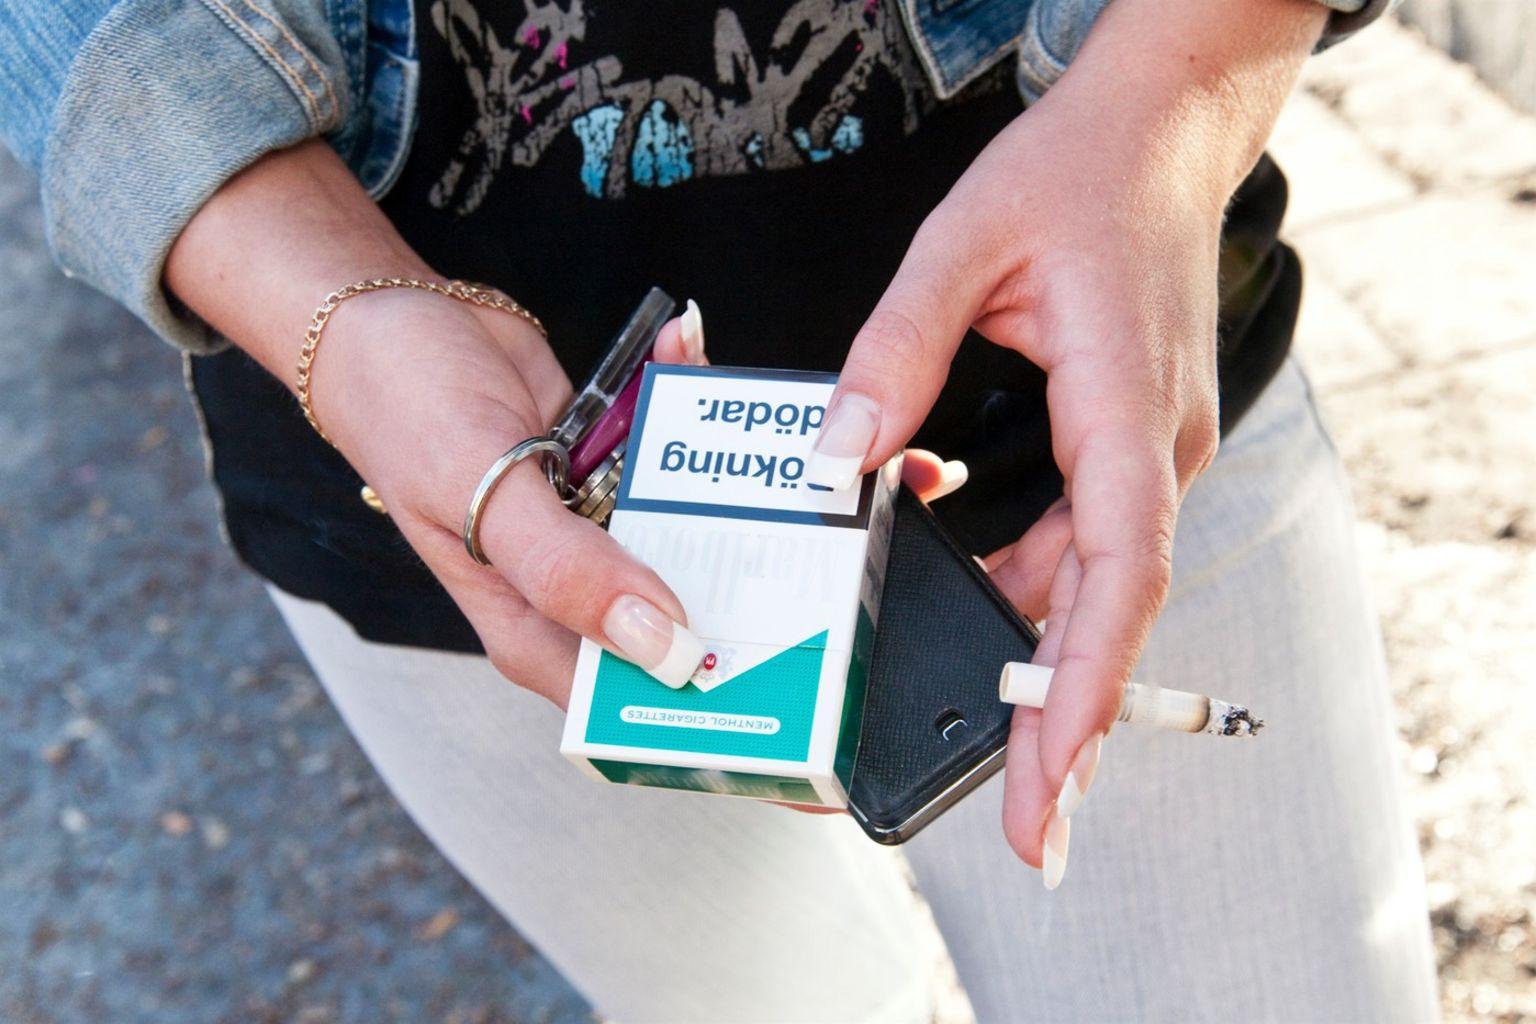 Tjej sitter med ett cigarettpaket i handen